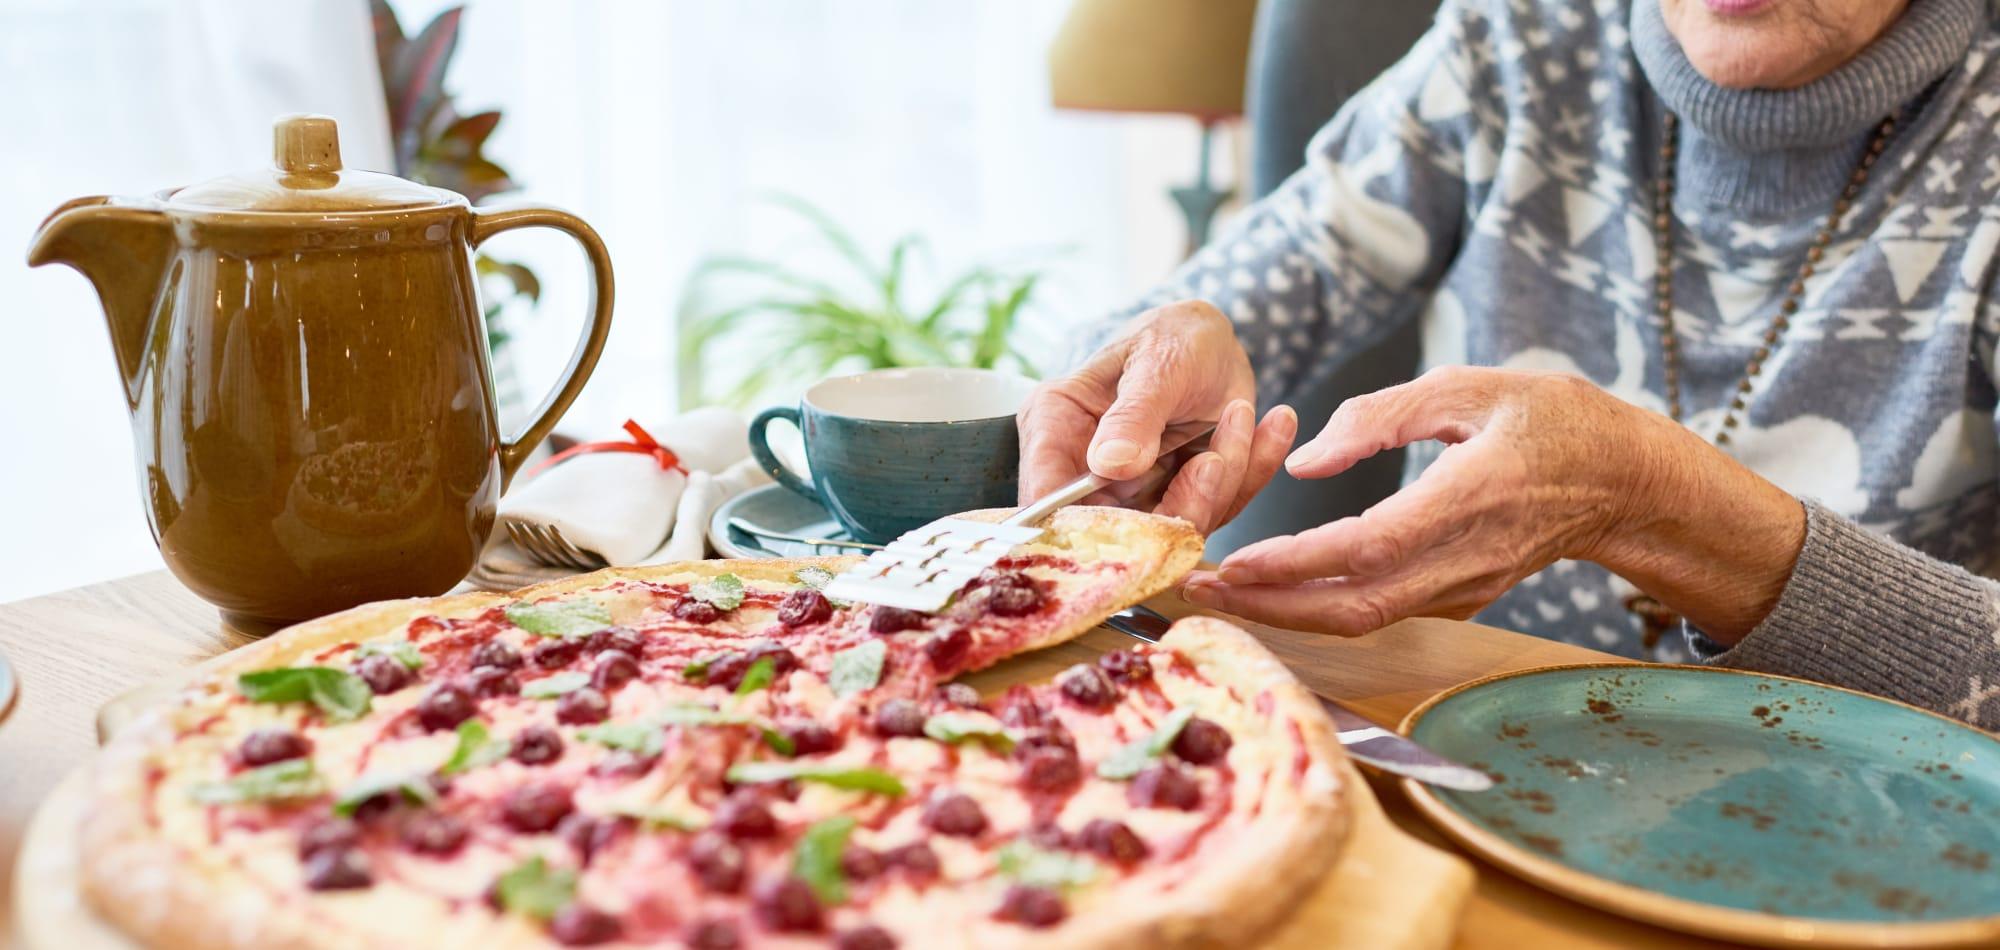 Dining at Milestone Senior Living in Faribault, Minnesota.